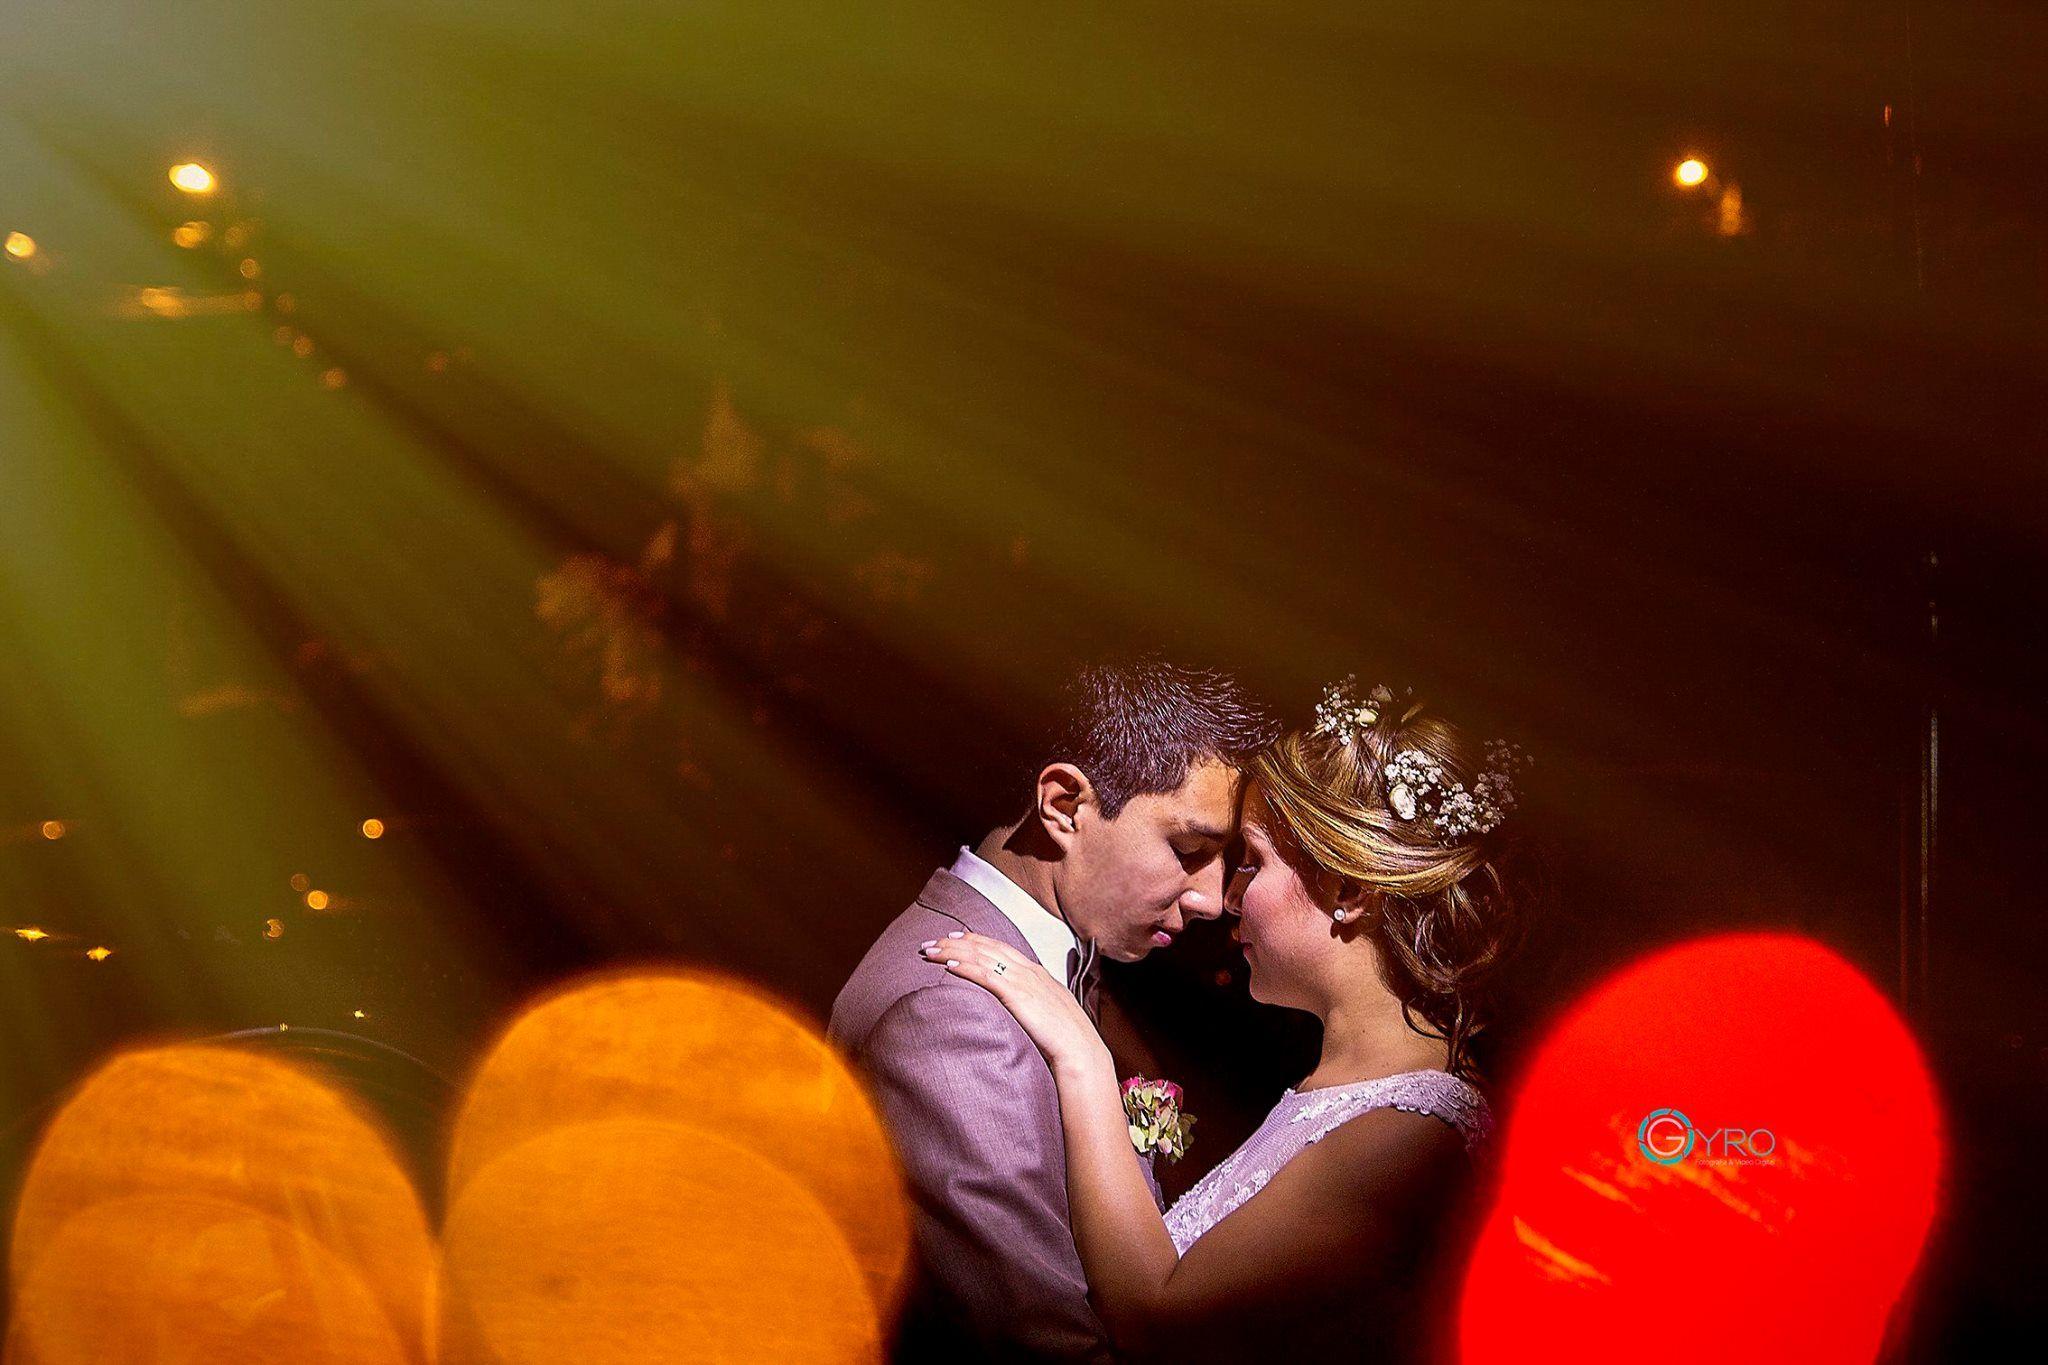 #bodas, #medellin, #matrimonios